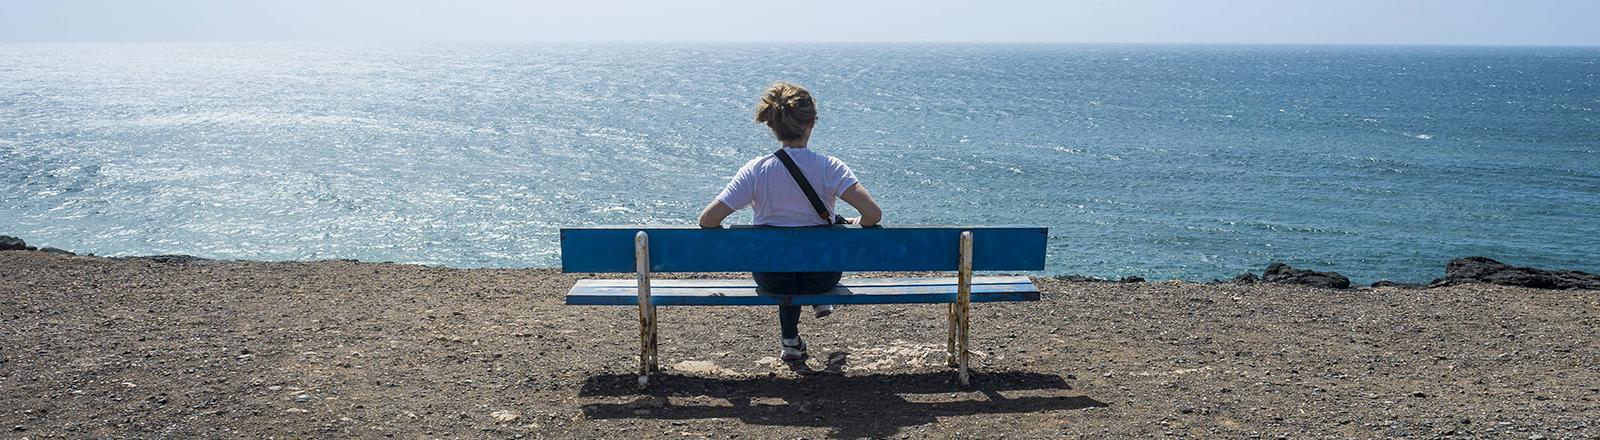 Frau allein auf einer Bank am Meer